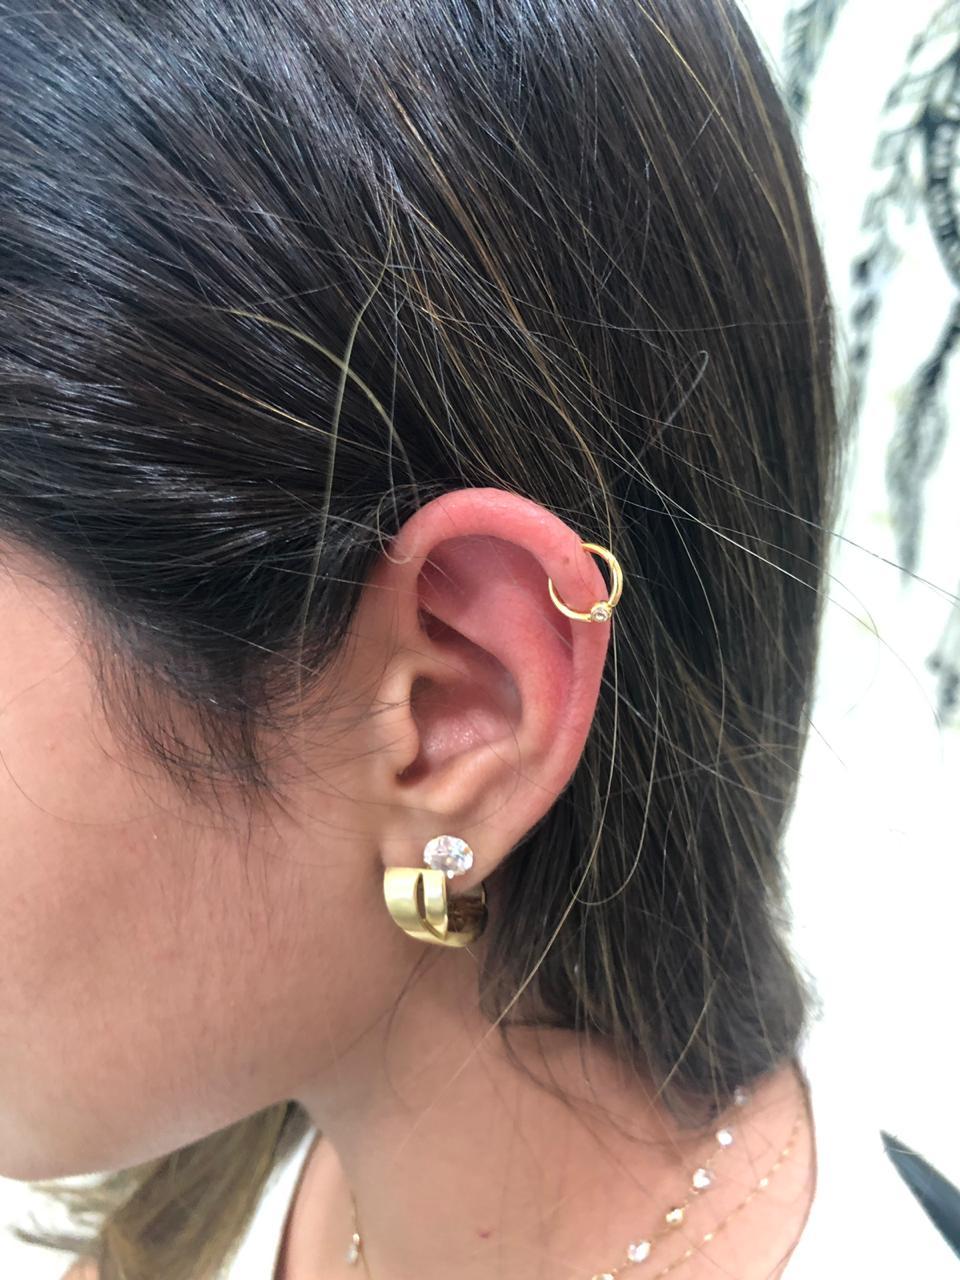 No Elio Tattoo você escolhe o piercing que mais combina com você! Aplicação de Piercing + Joia em Aço Cirúrgico de R$80 por apenas R$49